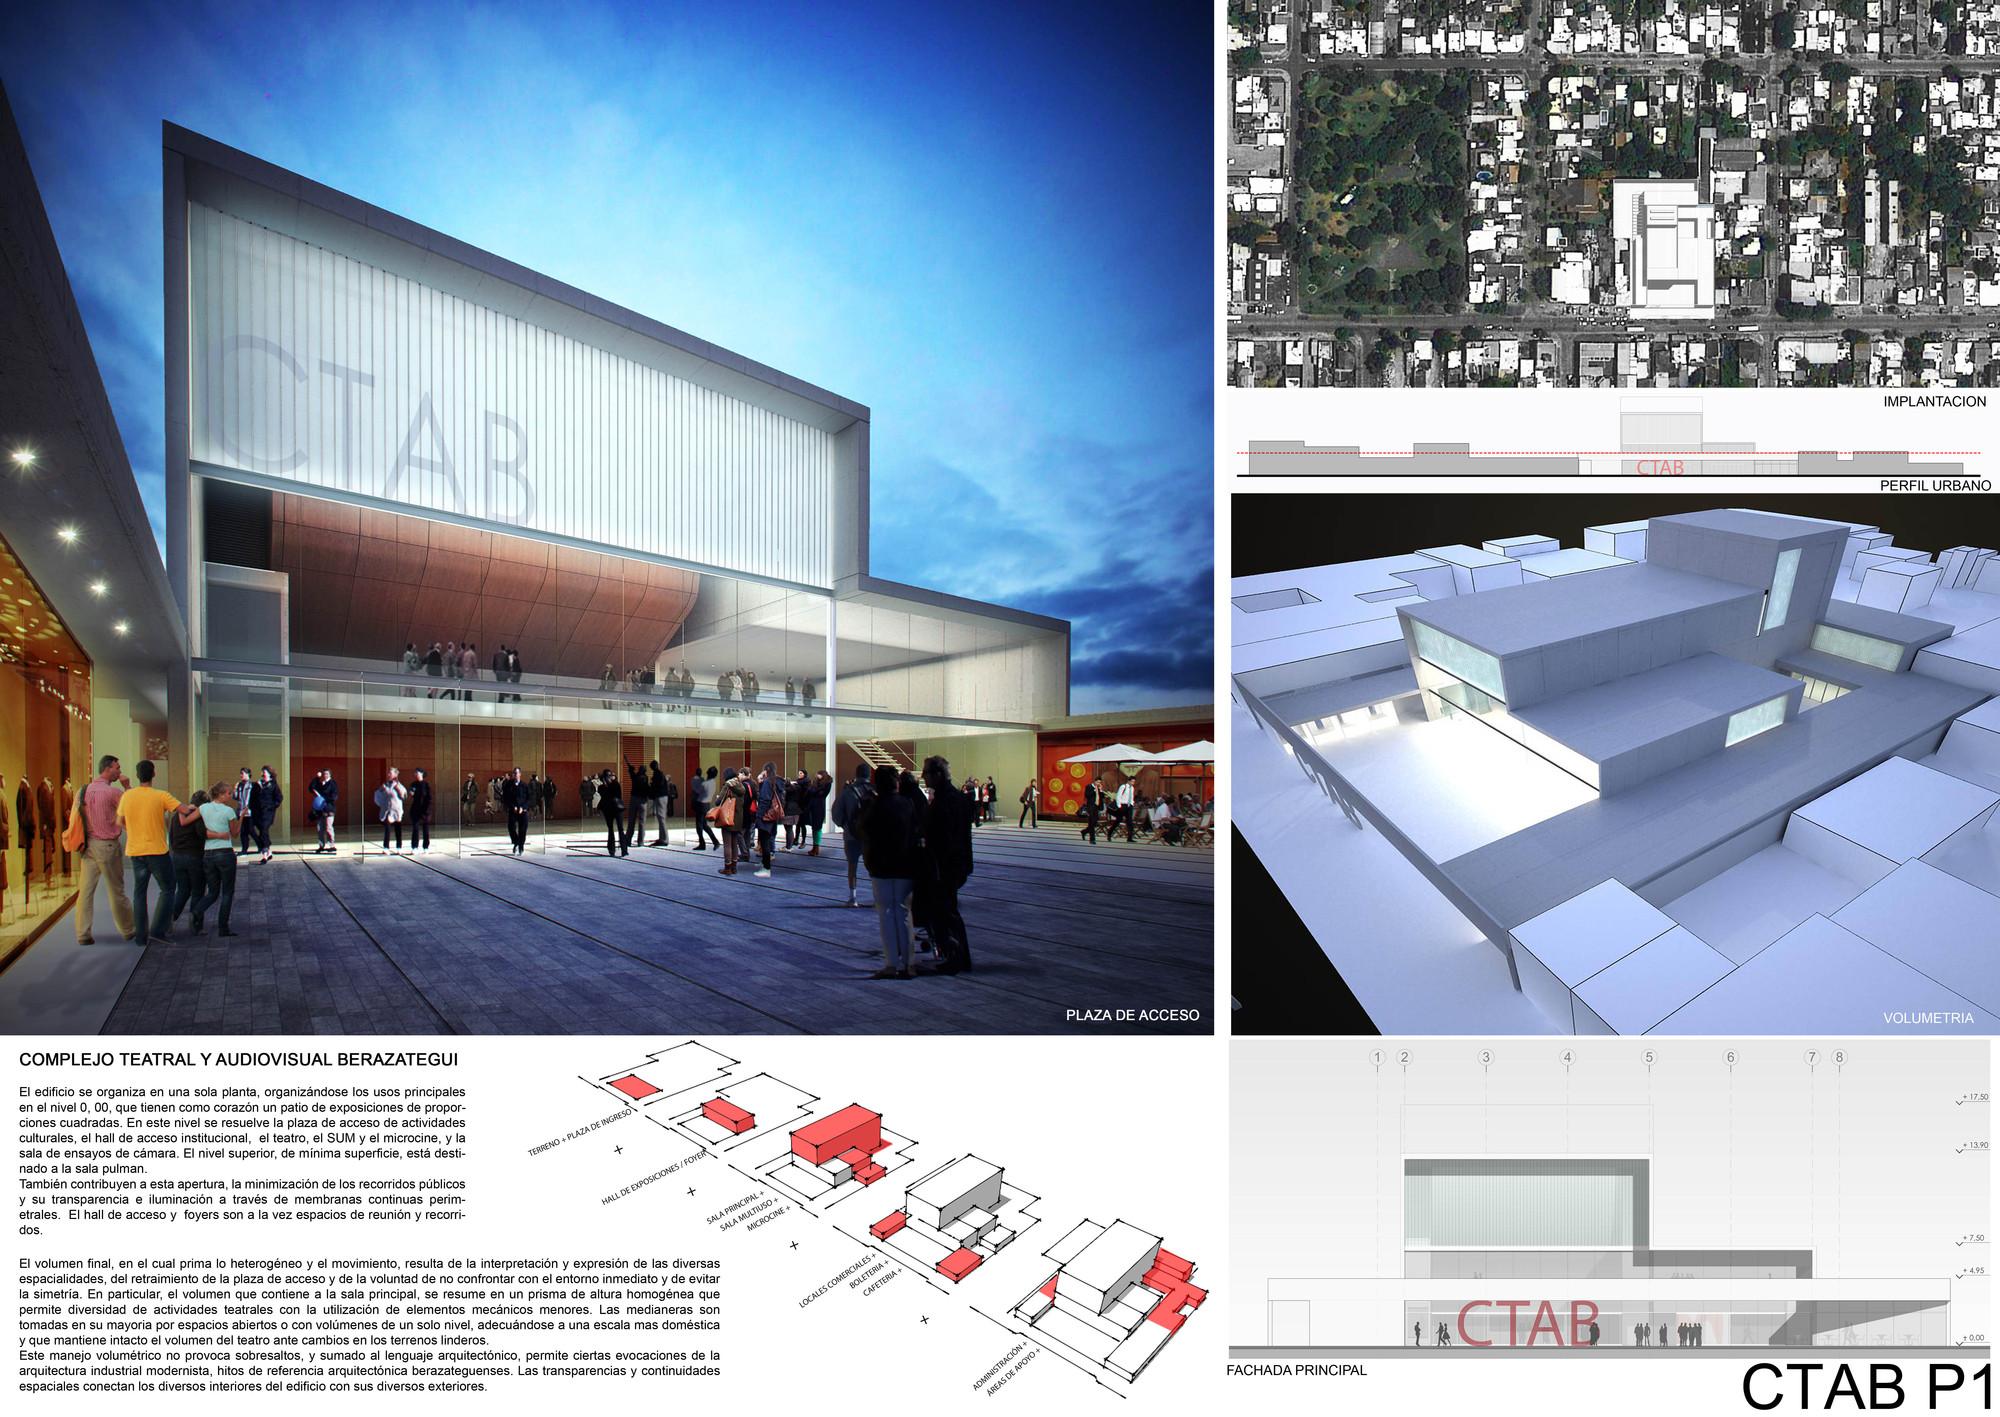 Lamina Primer Lugar. Image Courtesy of Colegio de Arquitectos de la Provincia de Buenos Aires